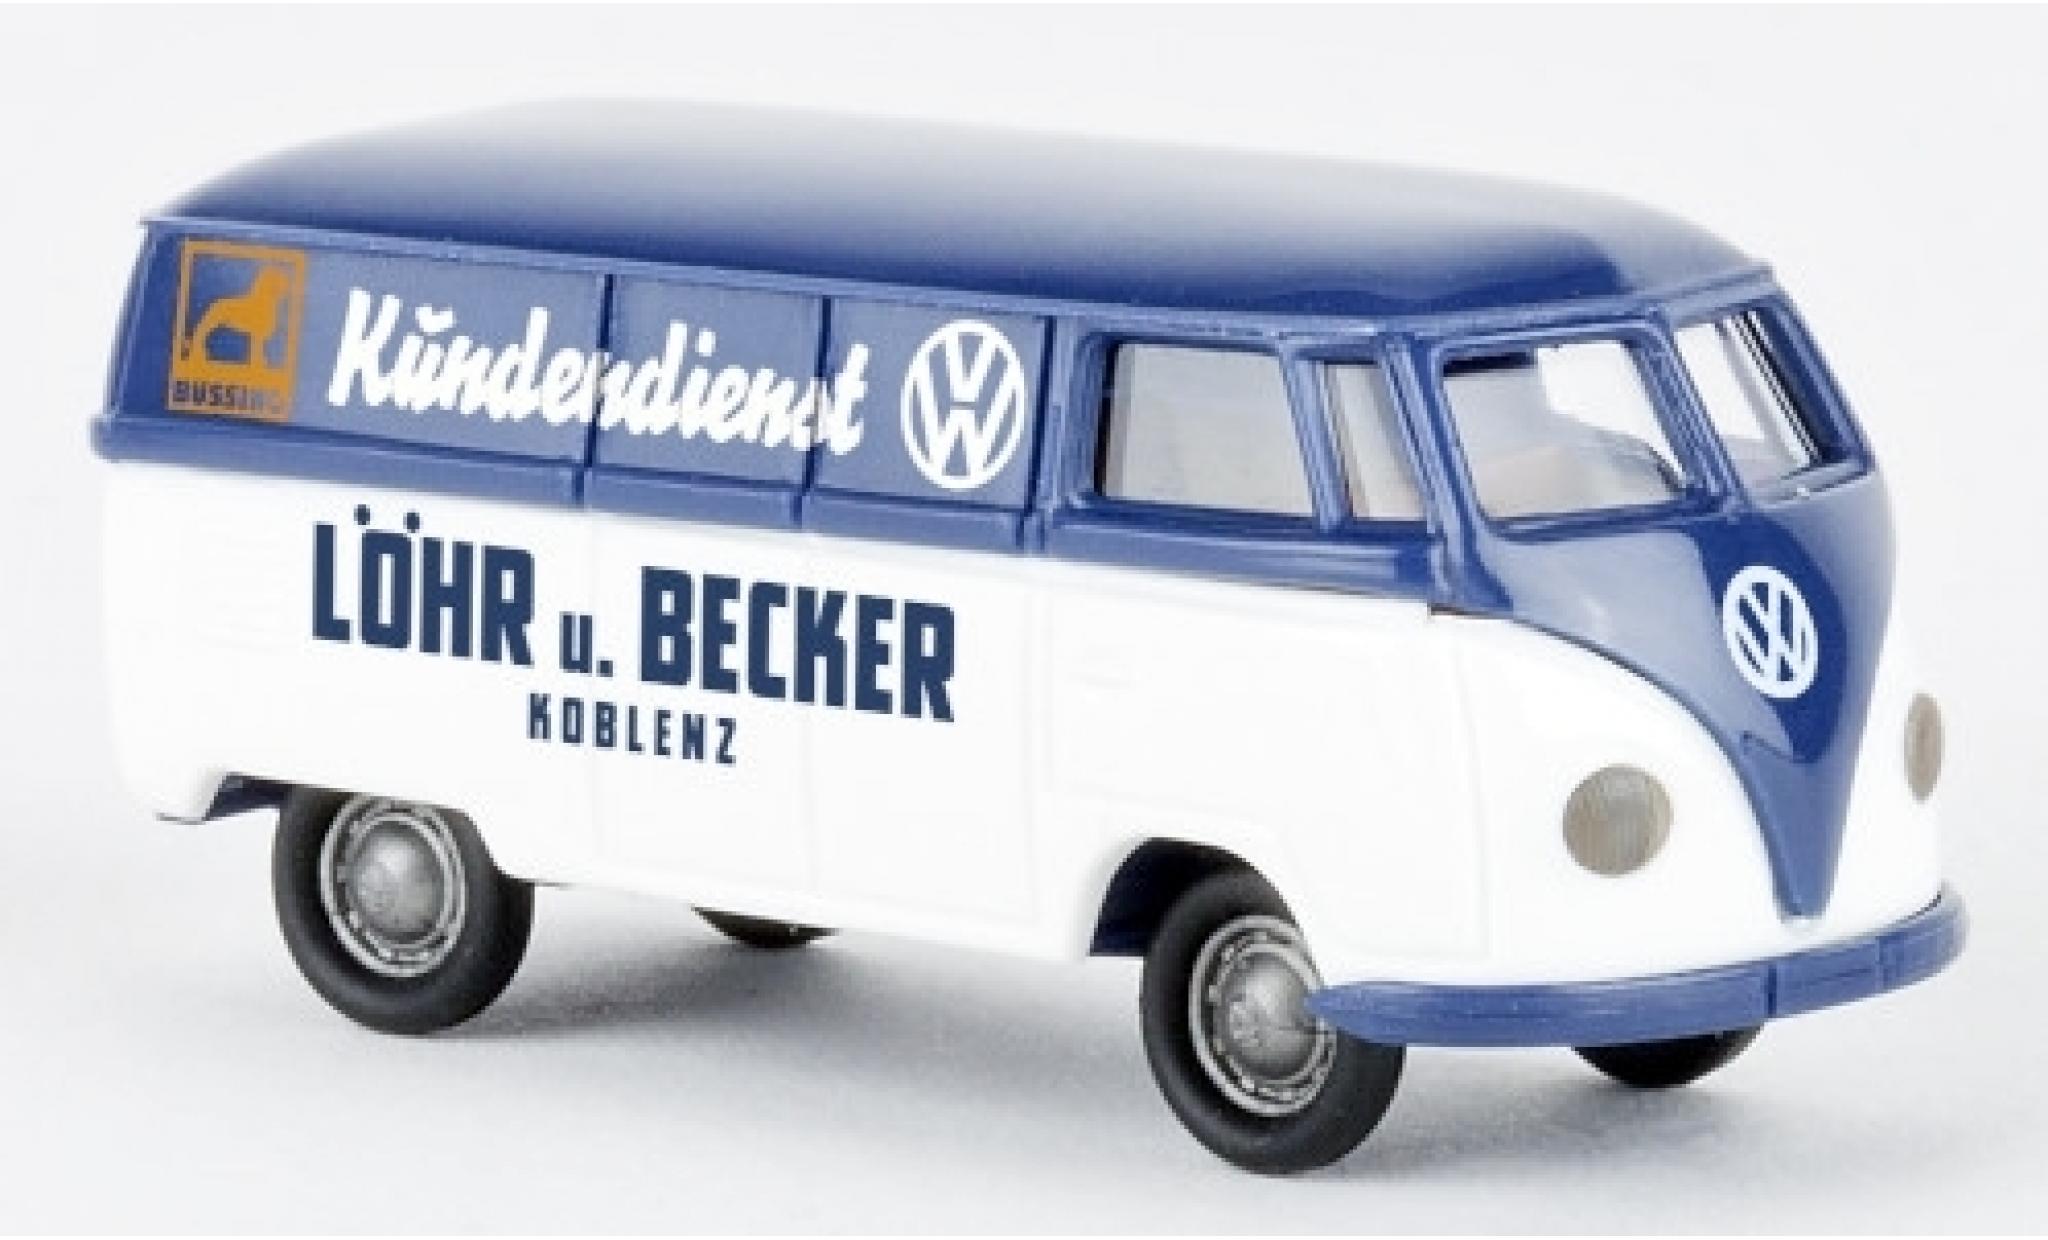 Volkswagen T1 1/87 Brekina a Kasten Löhr u. Becker Kundendienst 1950